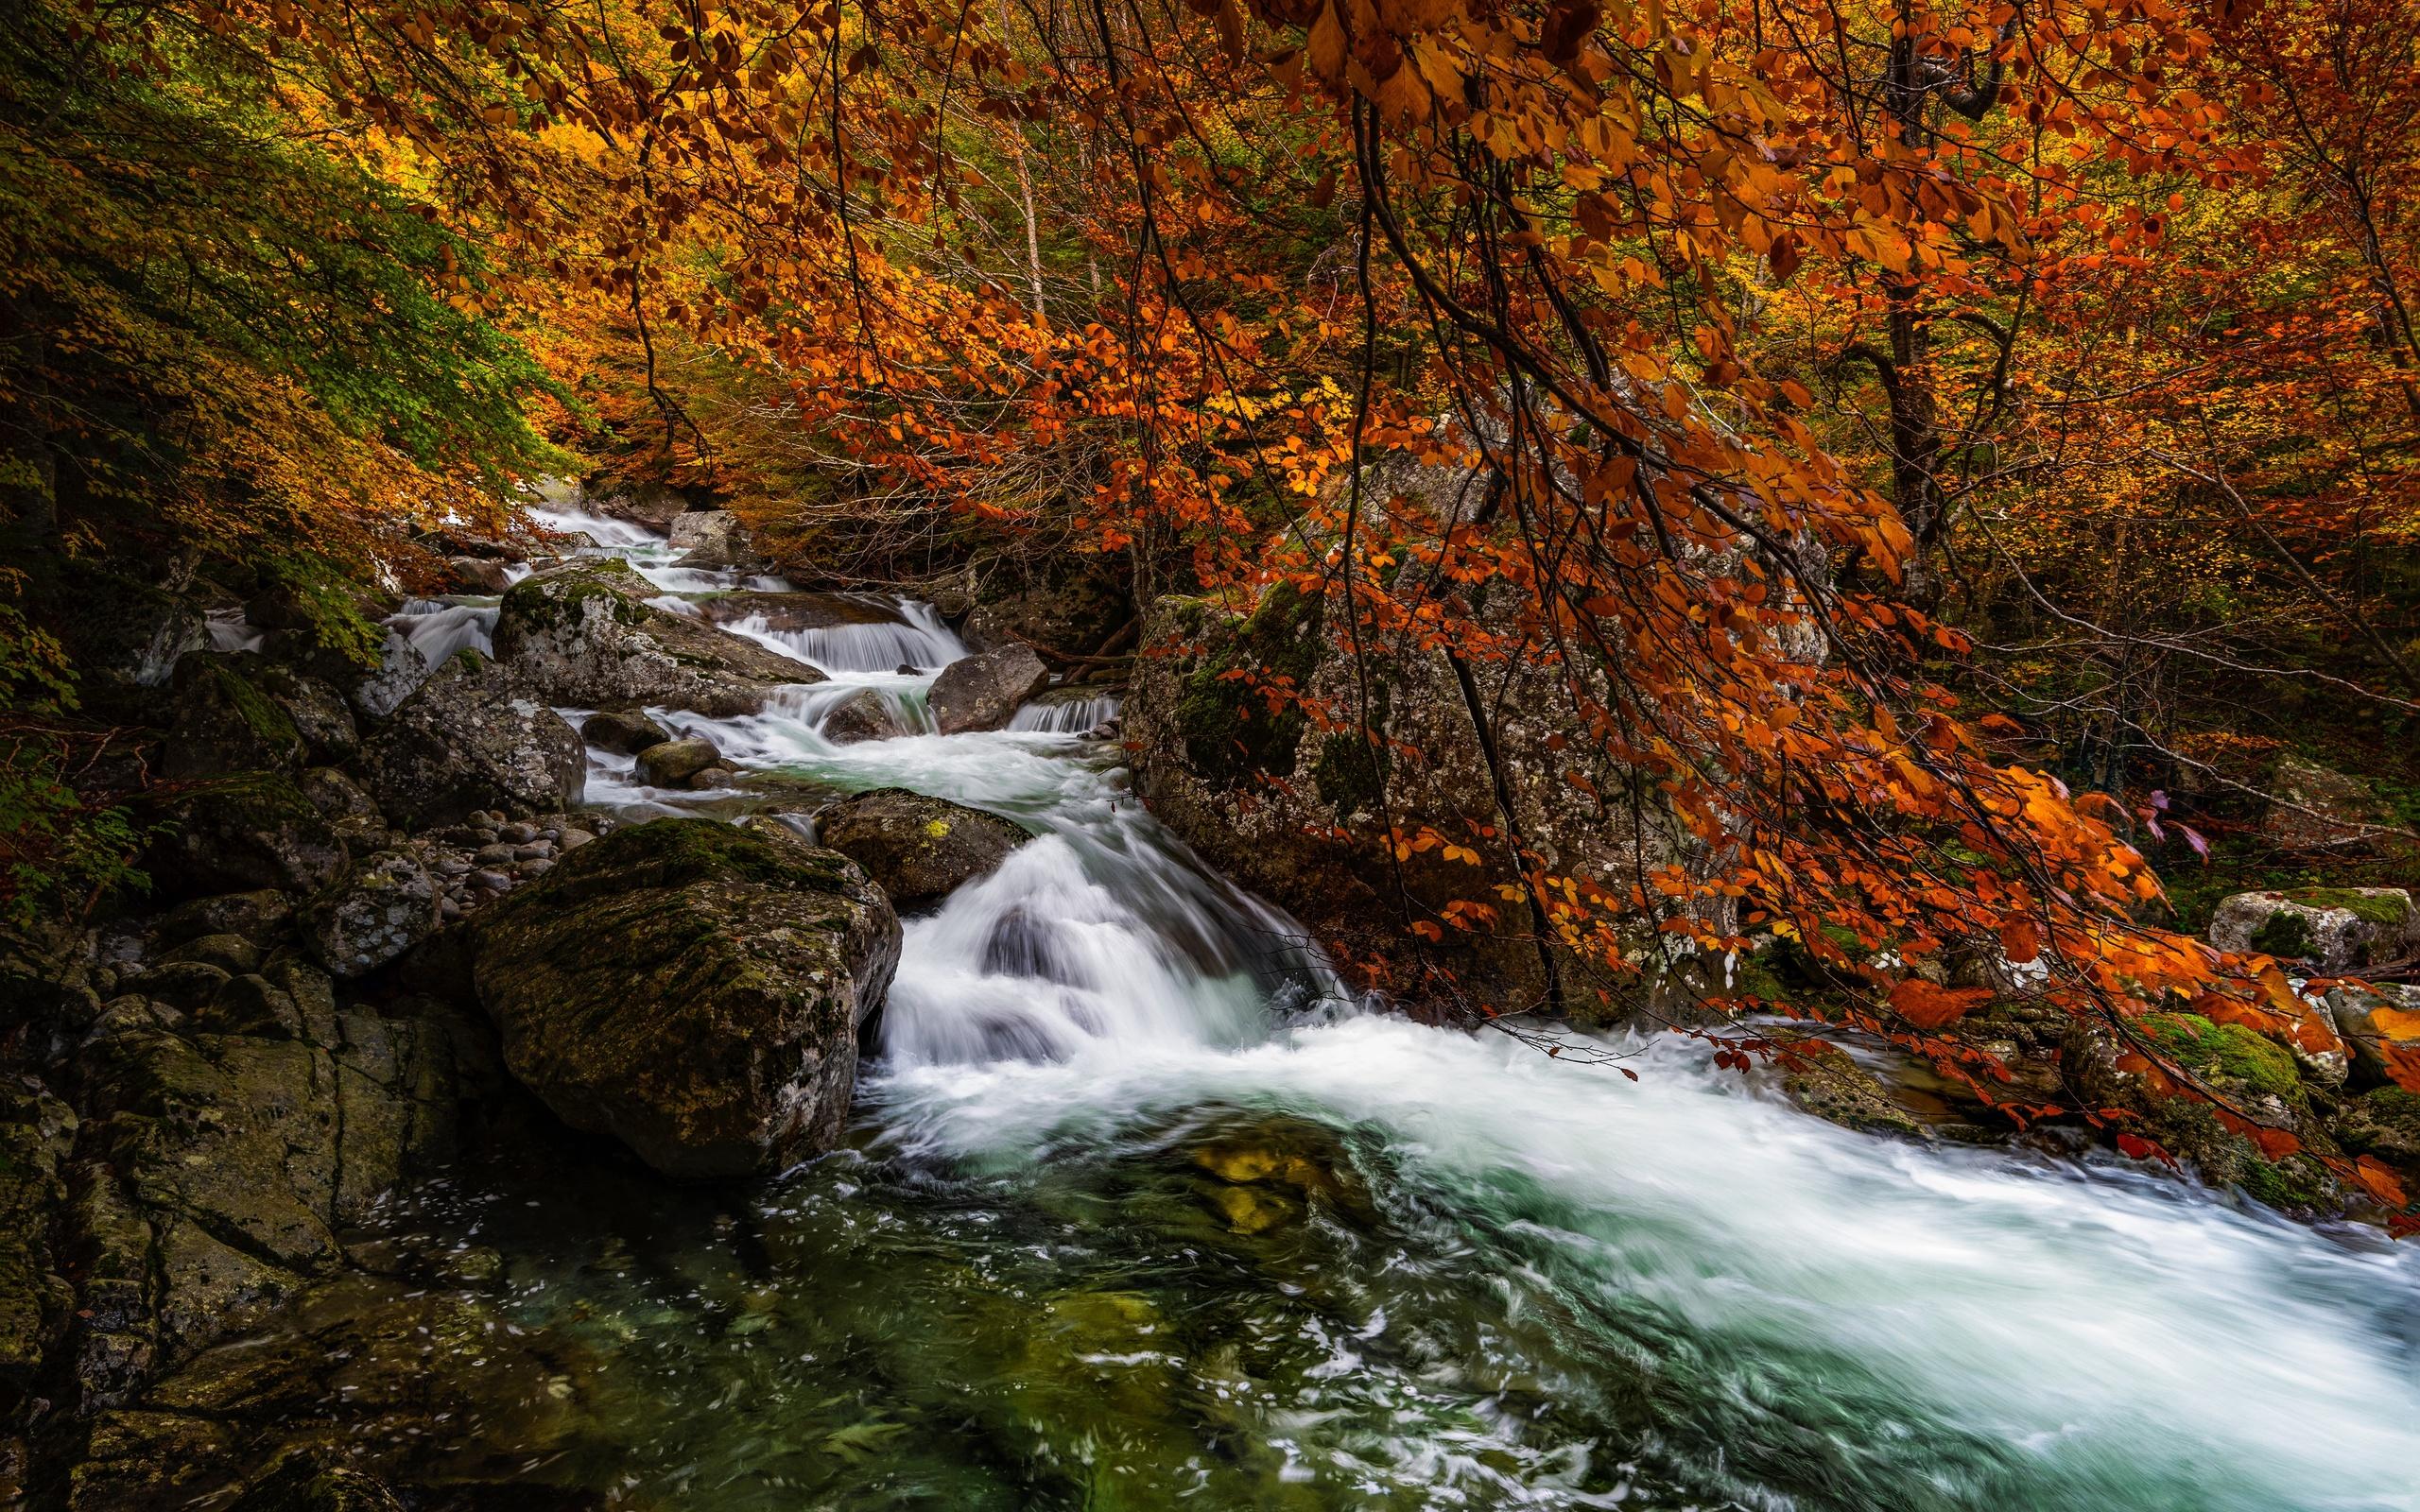 осень, лес, природа, река, камни